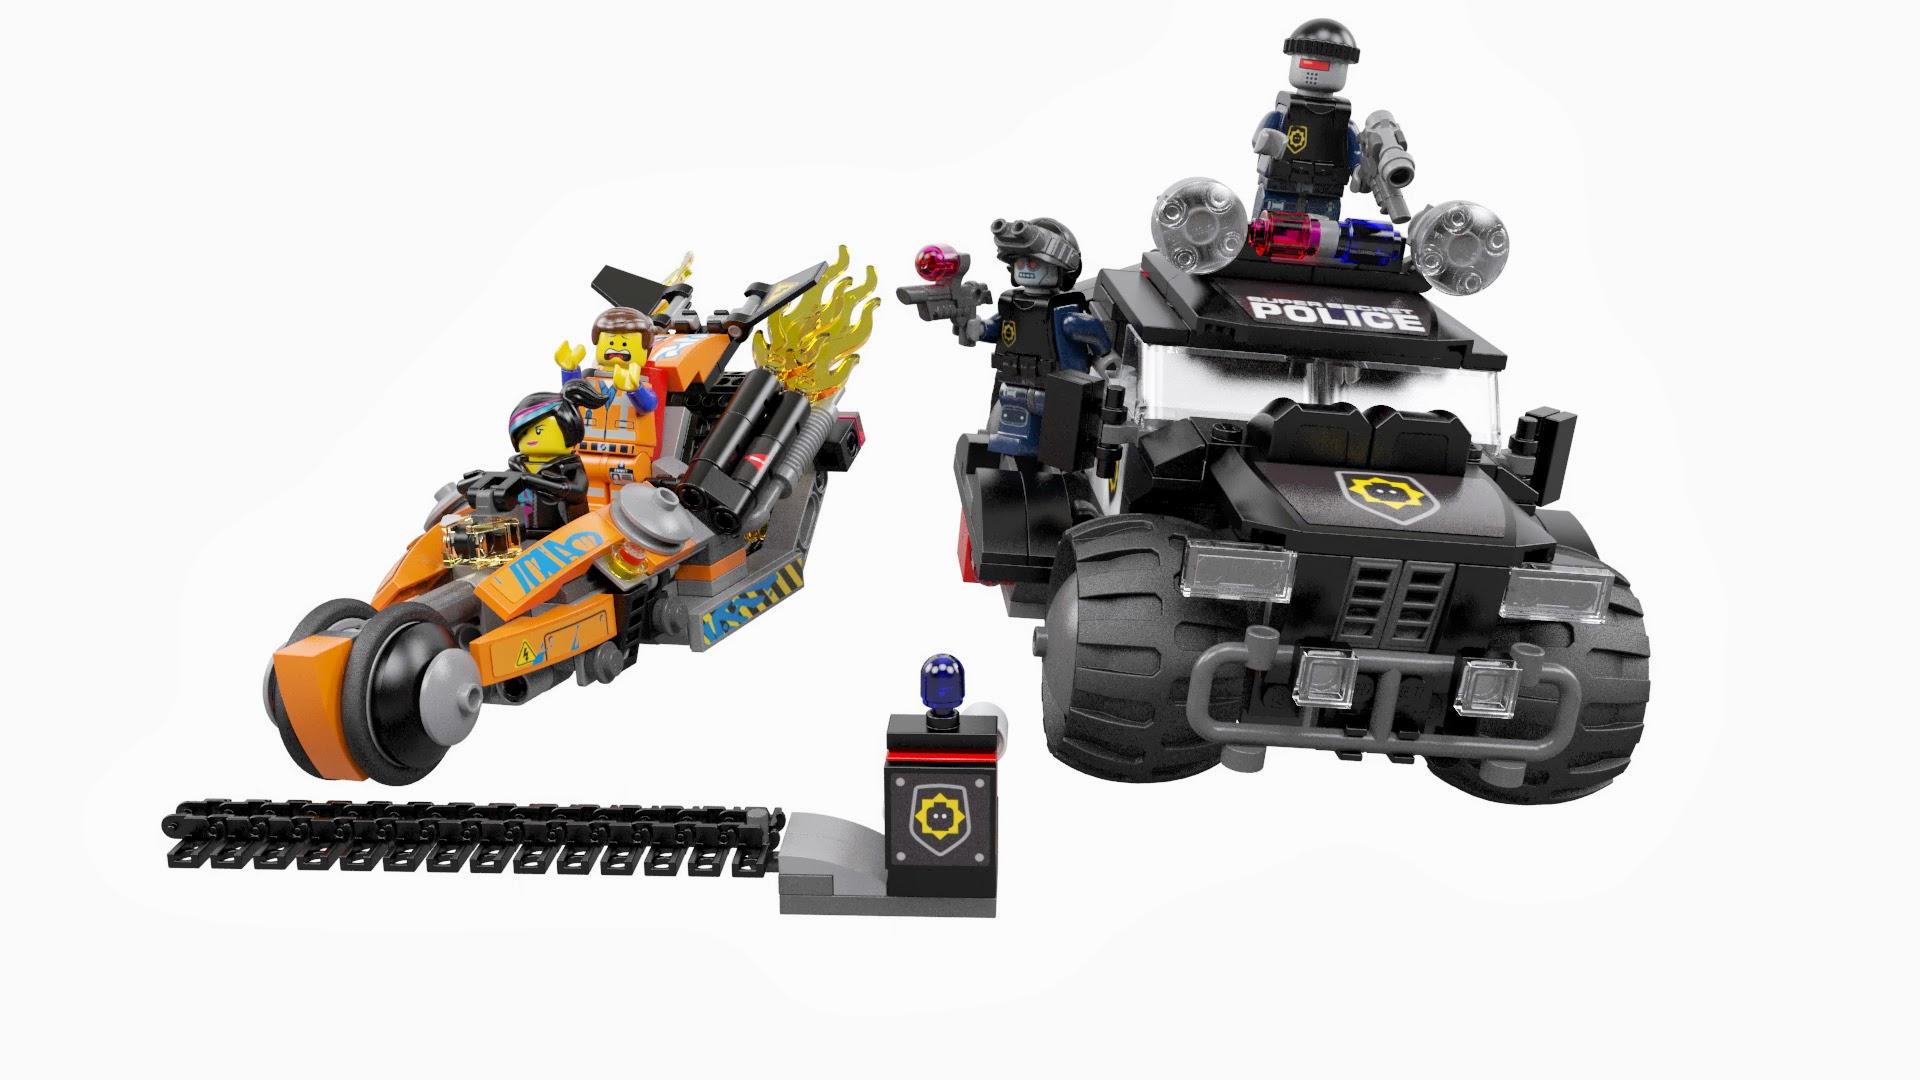 lego movie lego sets - HD1920×1080